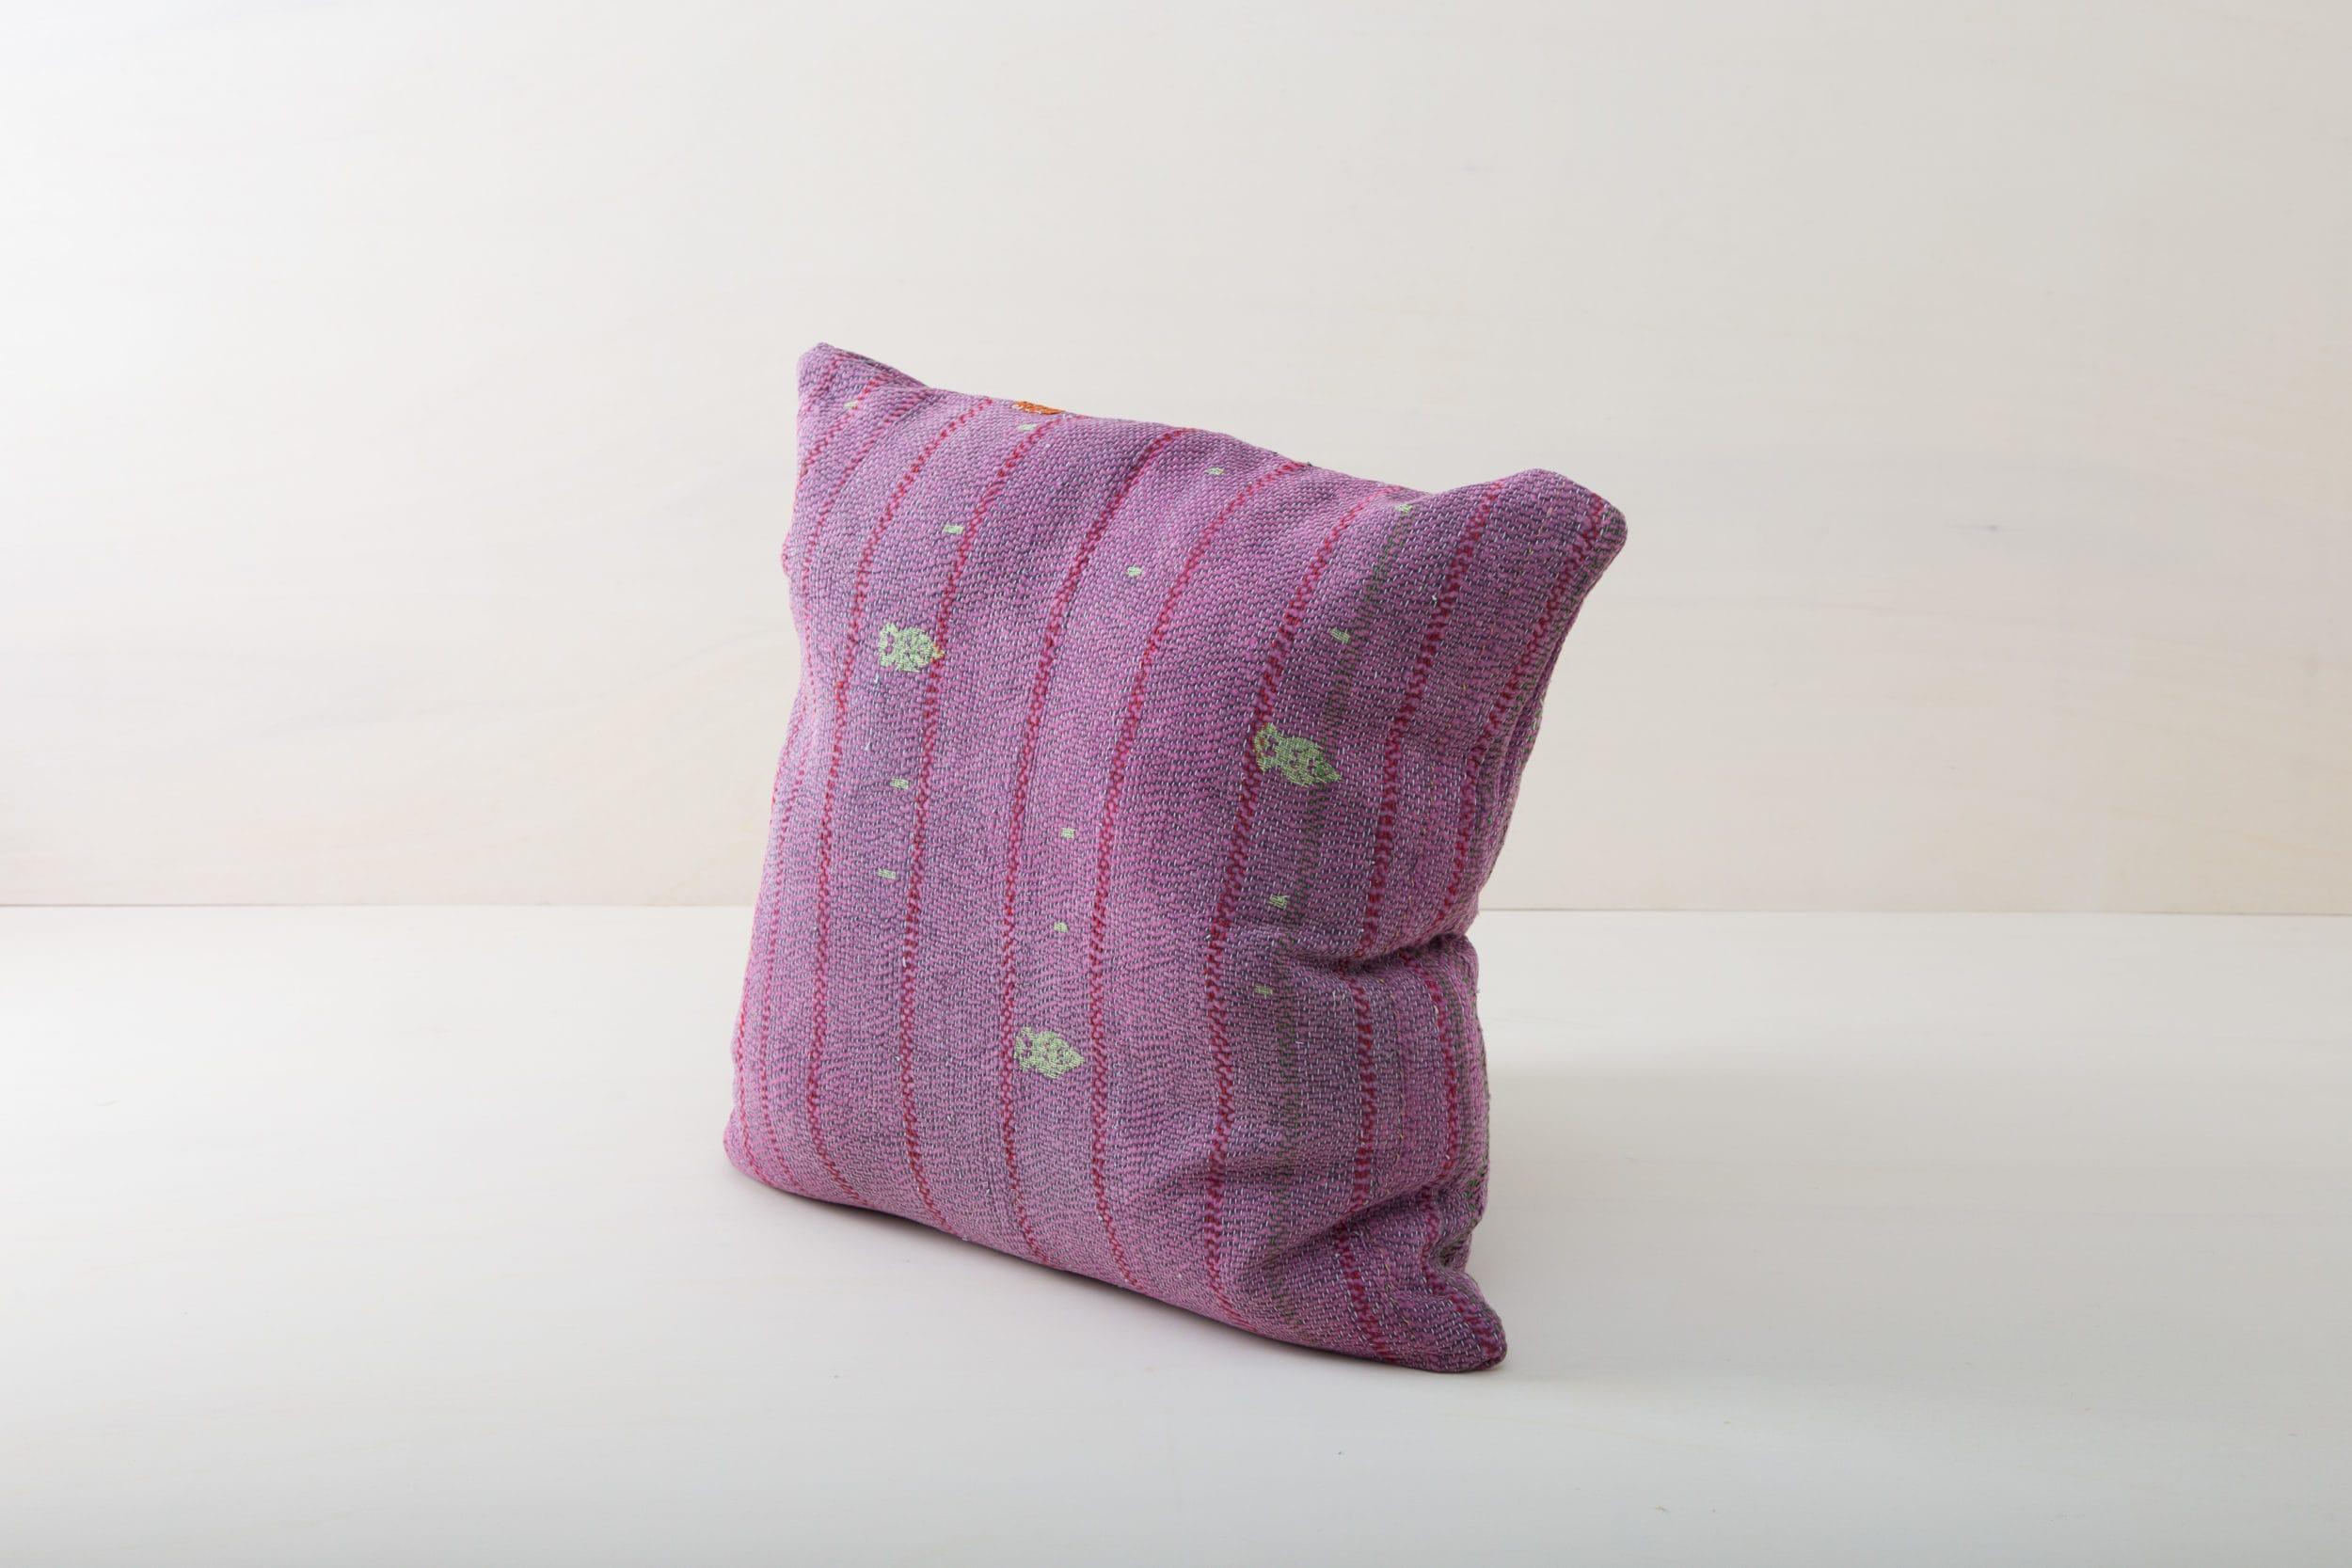 Event Dekoration zu mieten, Kissen, Decken, Teppiche